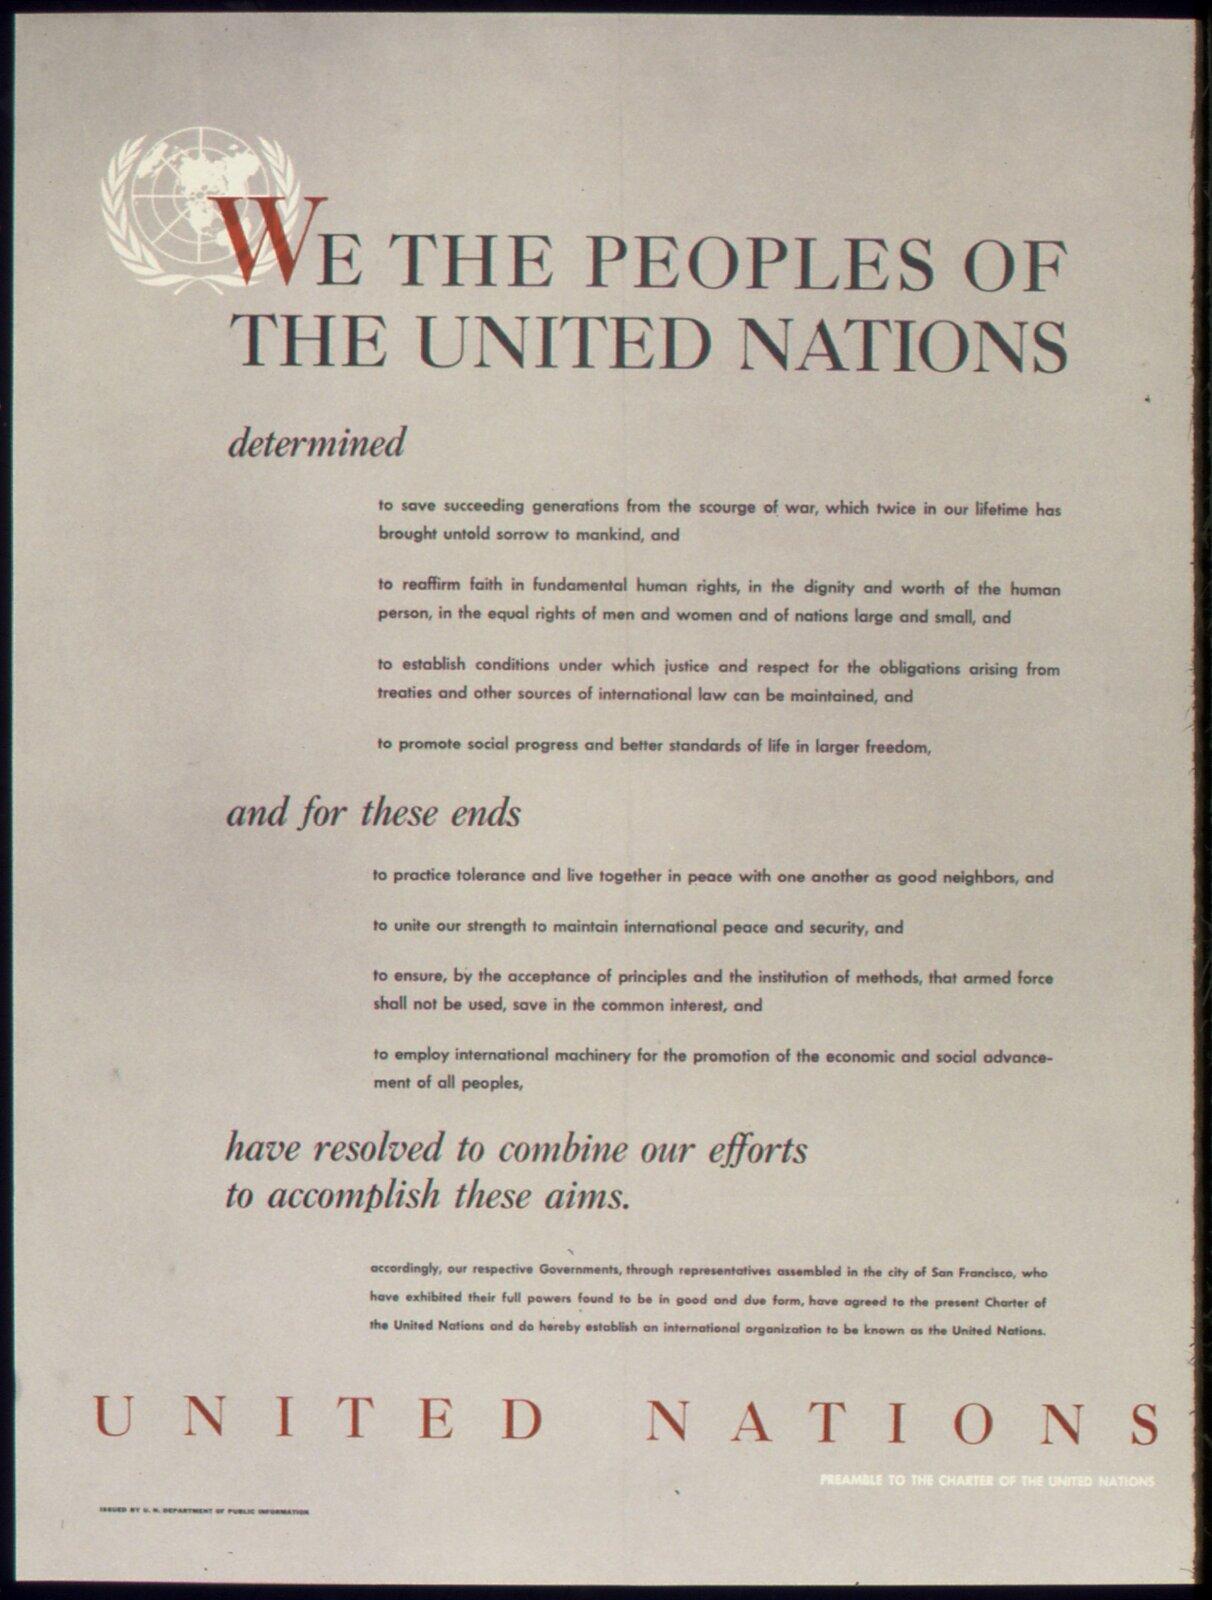 Wstęp do Karty Narodów Zjednoczonych Źródło: U.S. National Archives and Records Administration, Wstęp do Karty Narodów Zjednoczonych, licencja: CC 0.